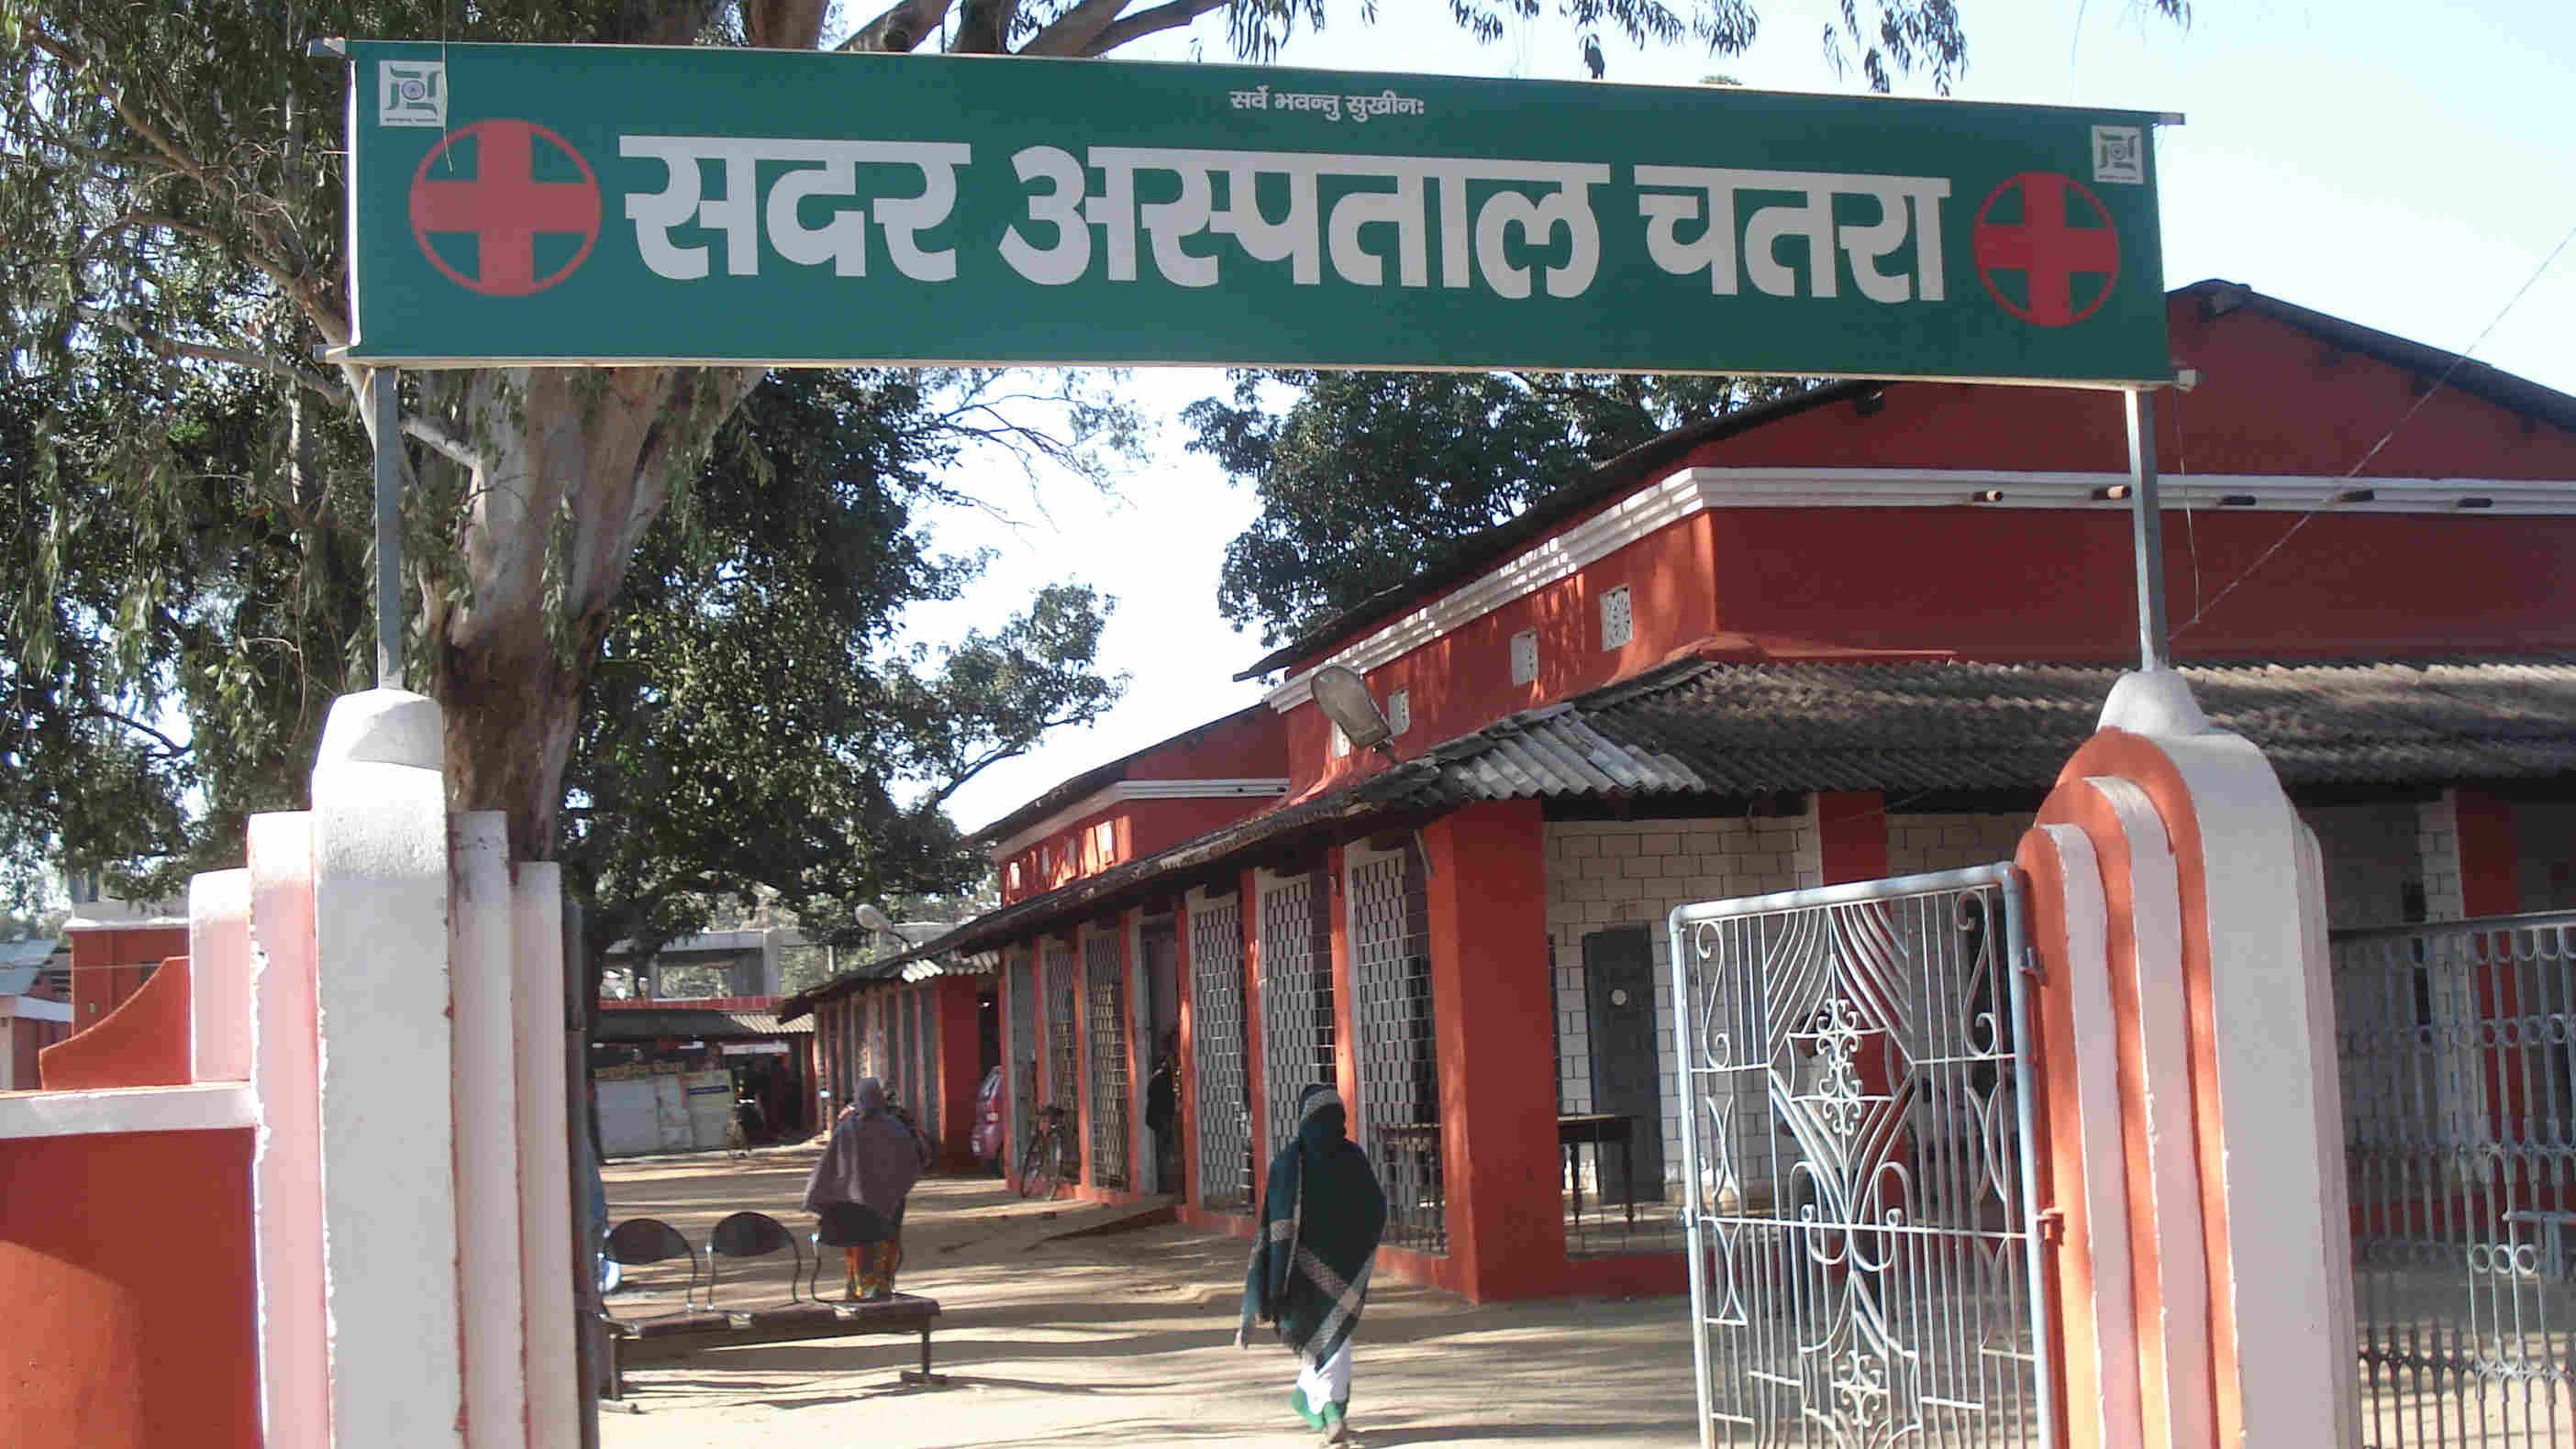 Chatra sadar hospital.